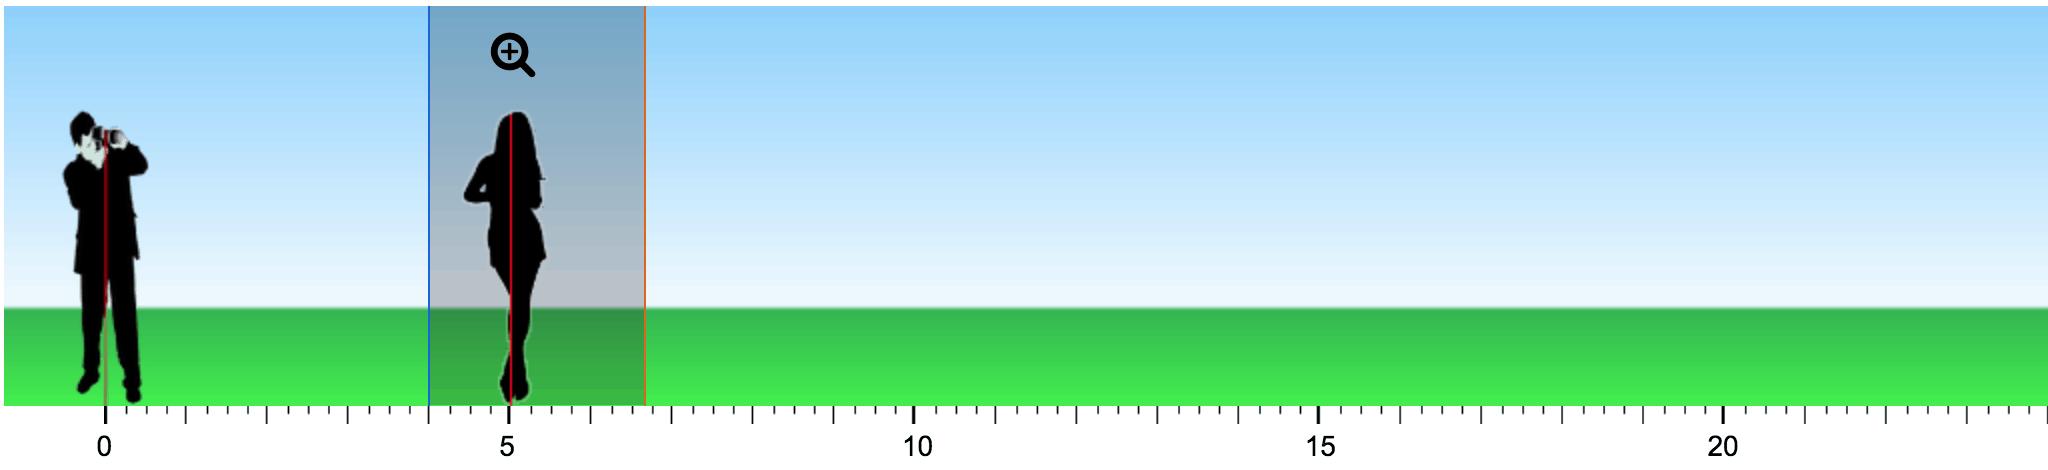 ilustración suejto a 5 metros